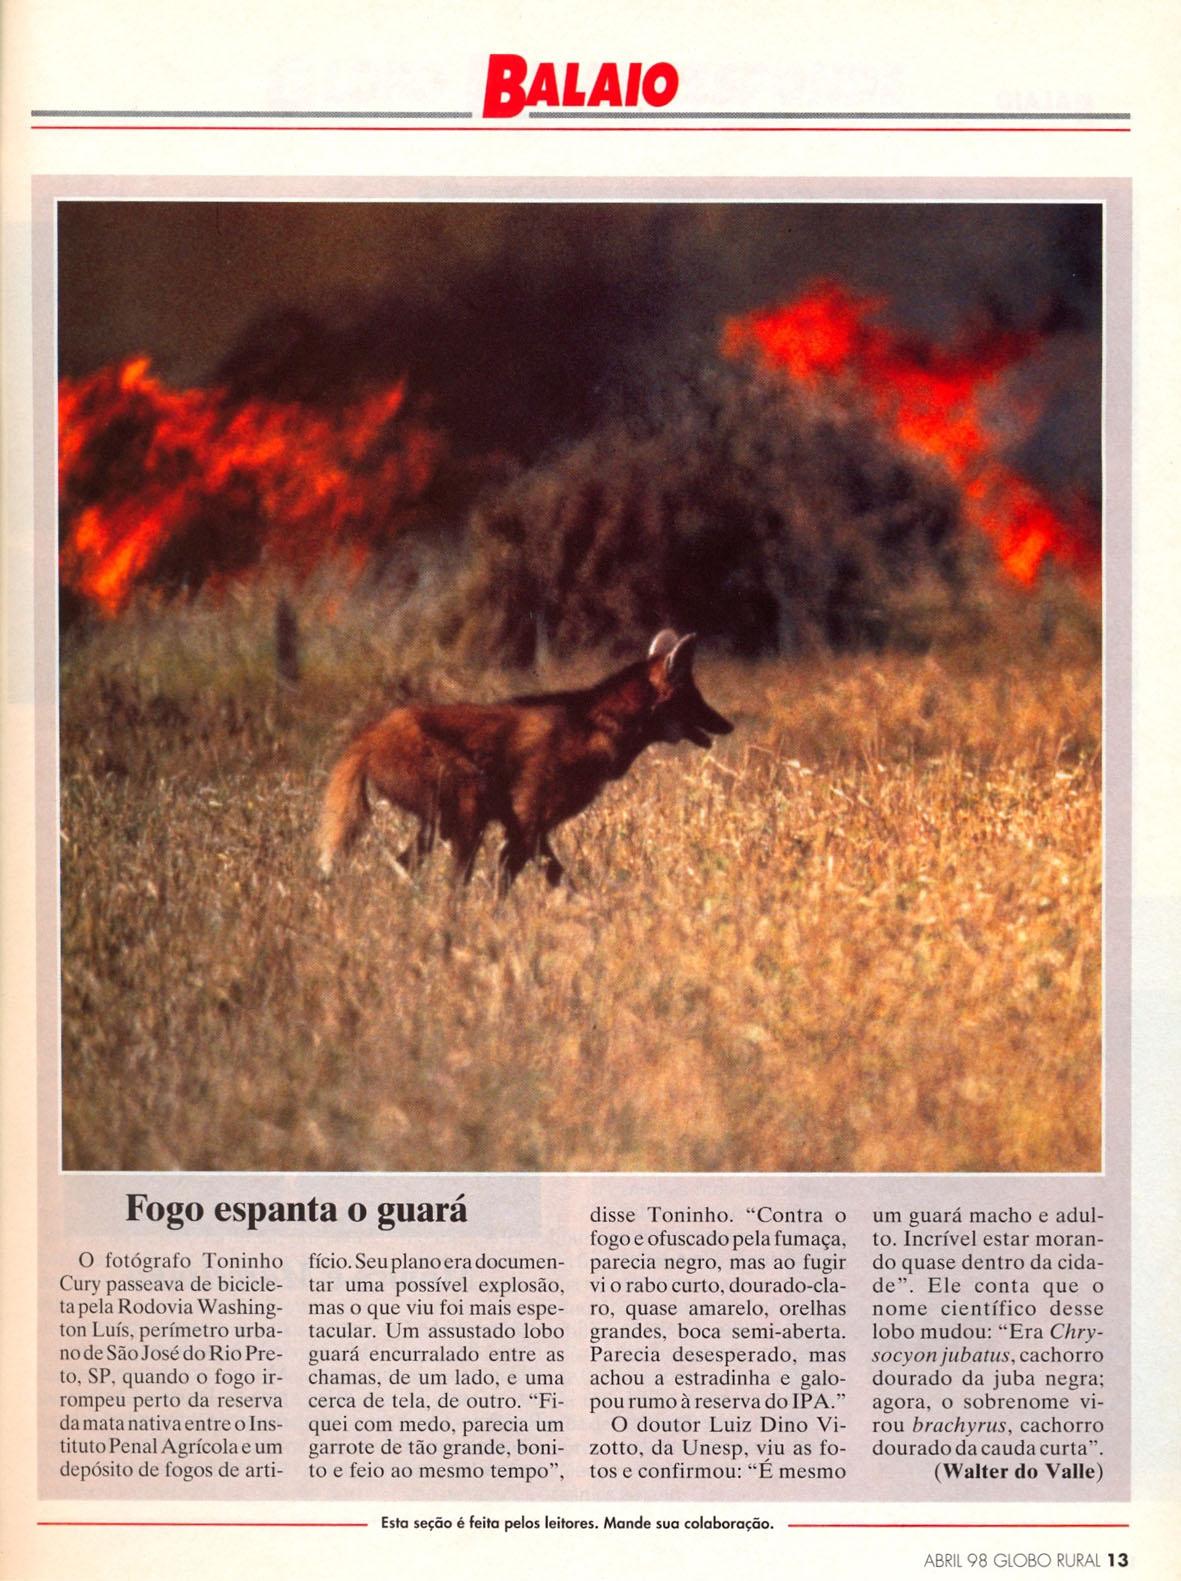 O flagrante de Toninho Cury foi publicado na revista Globo Rural. Abril de 1998.